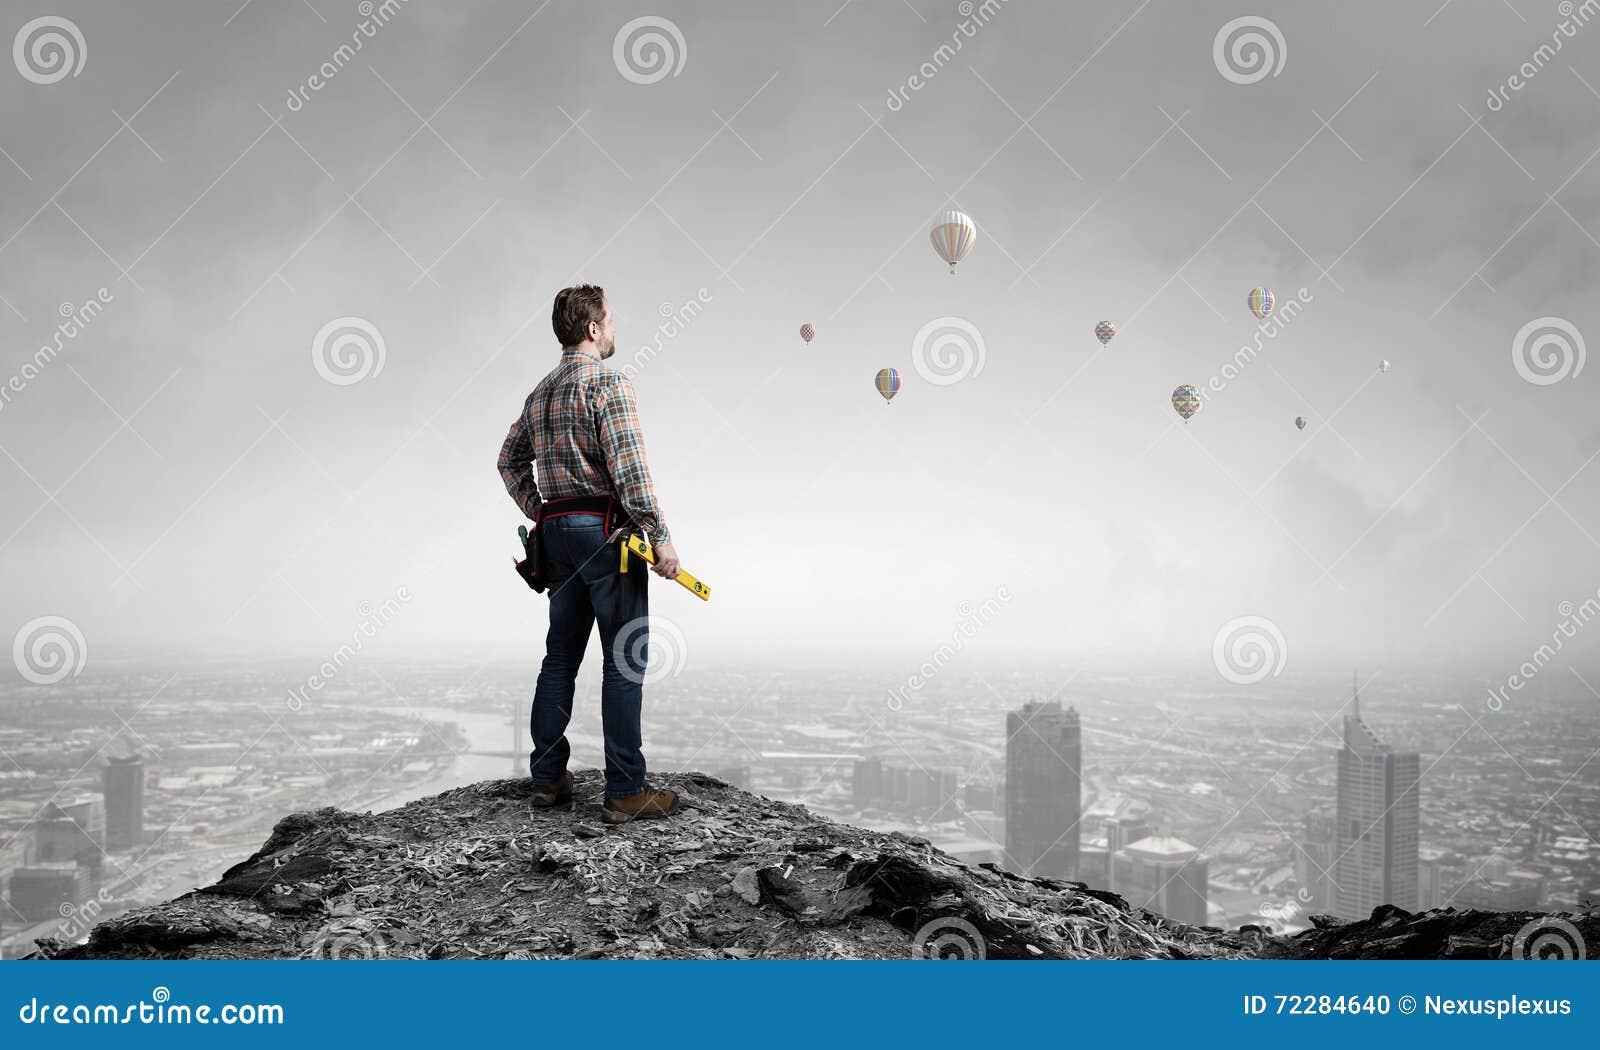 Download Взрослый человек инженера стоковое фото. изображение насчитывающей конструктор - 72284640